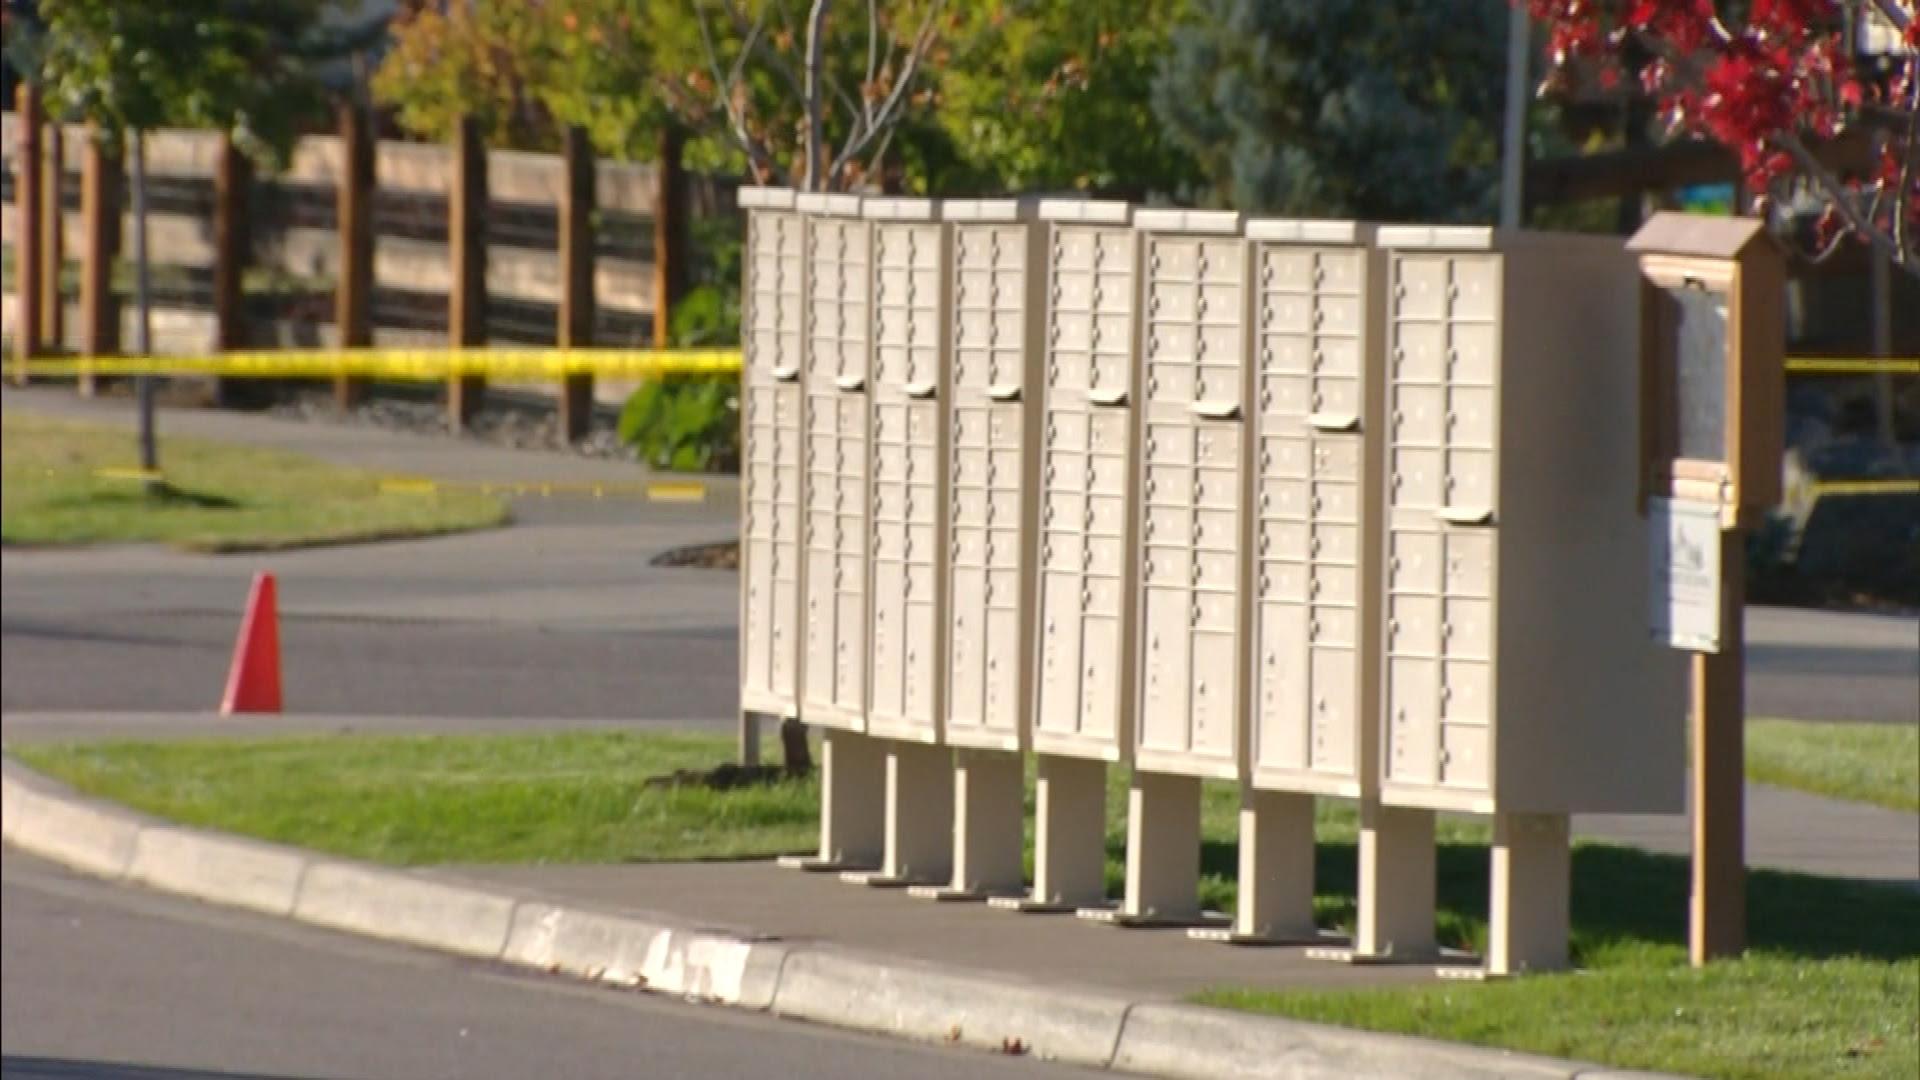 Longmont Shooting: Ex-Girlfriend Devan Schreiner Arrested In Mail Carrier's Murder